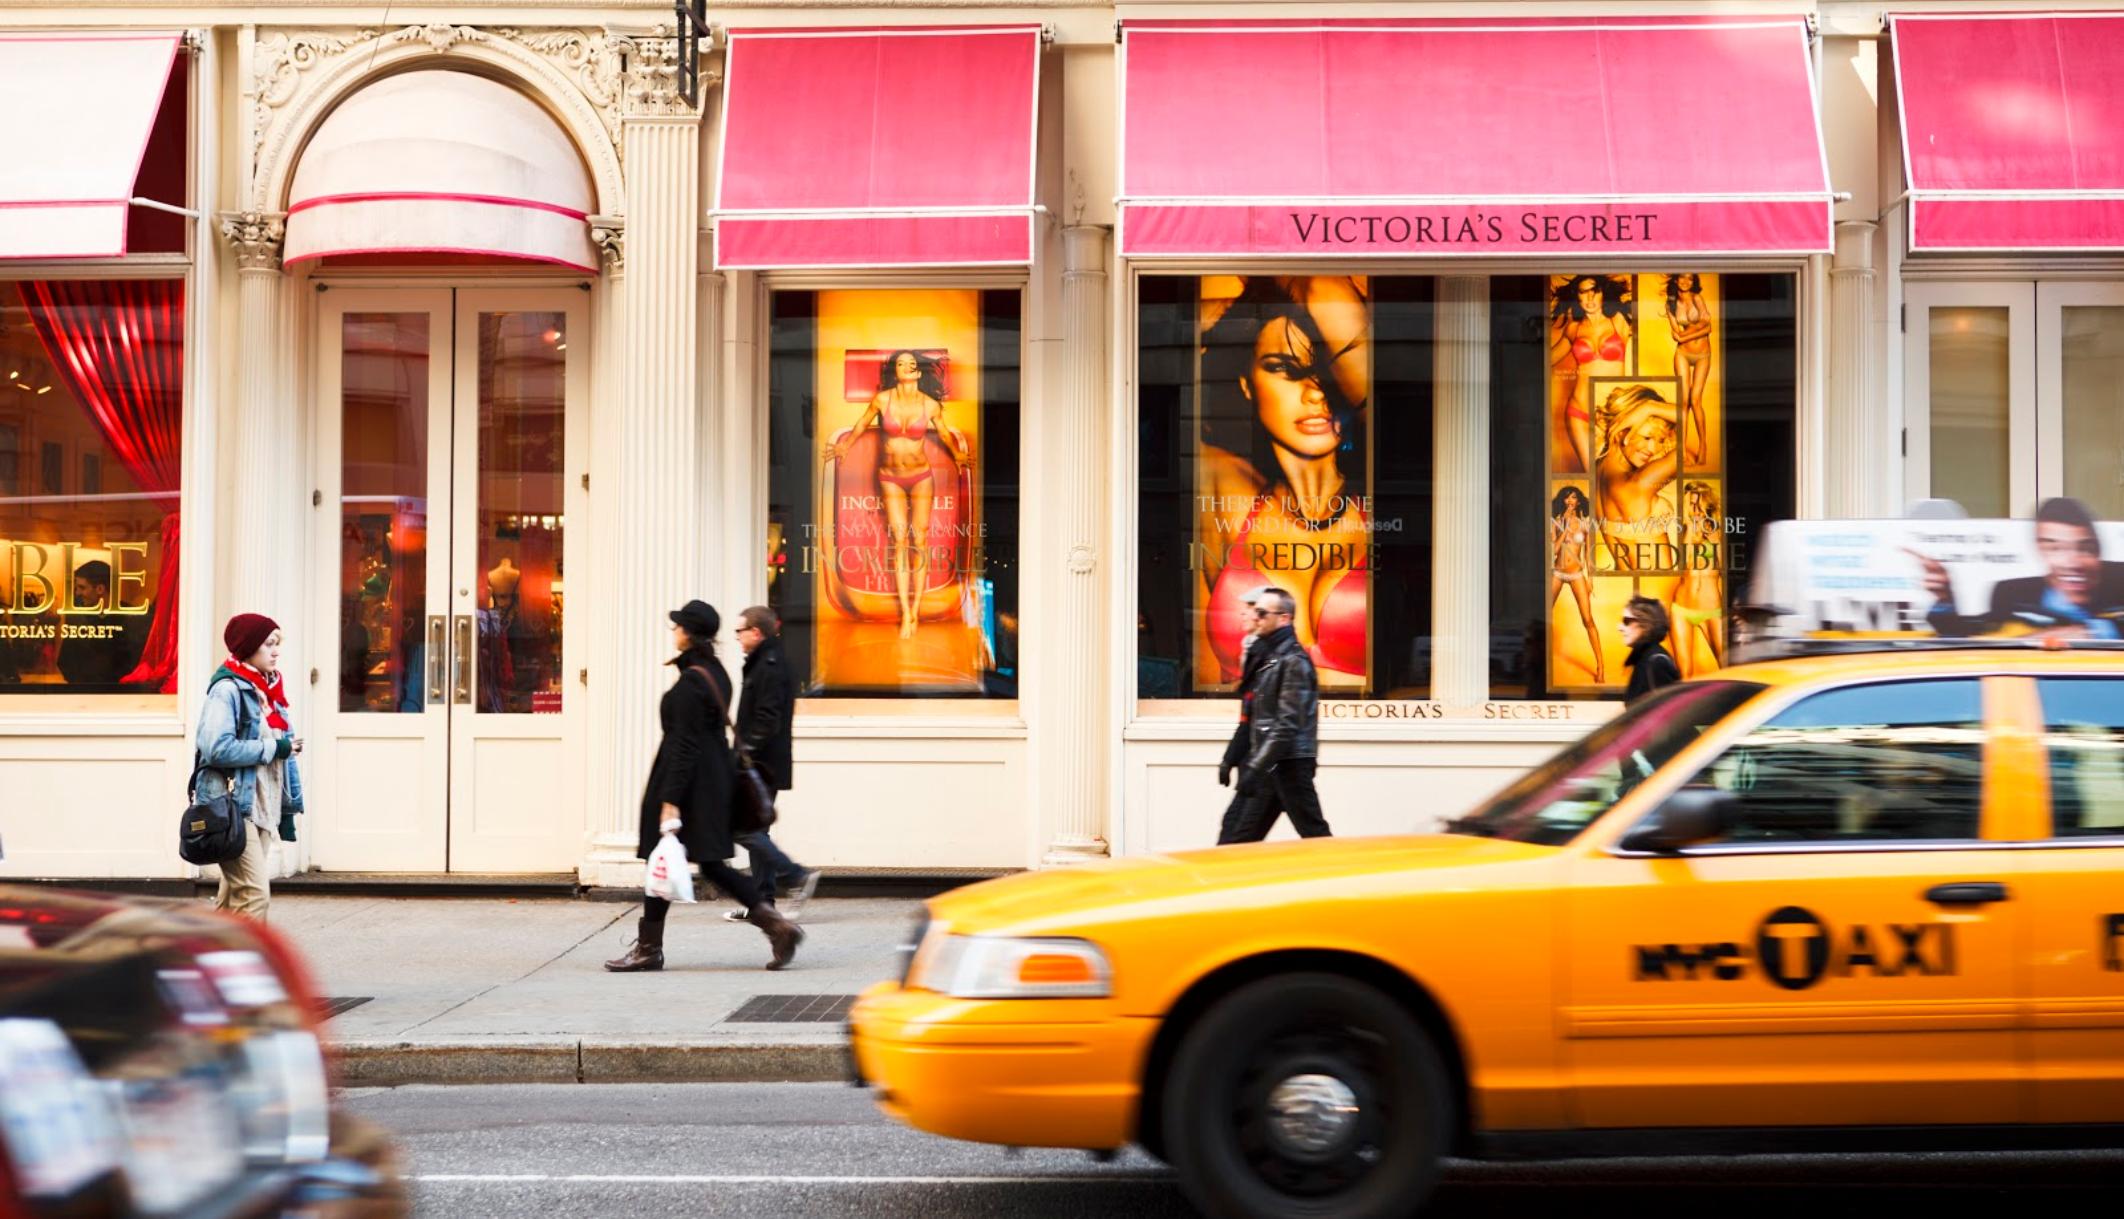 Mujer negra que fue esposada en Victoria's Secret acusa a una tienda de perfiles raciales